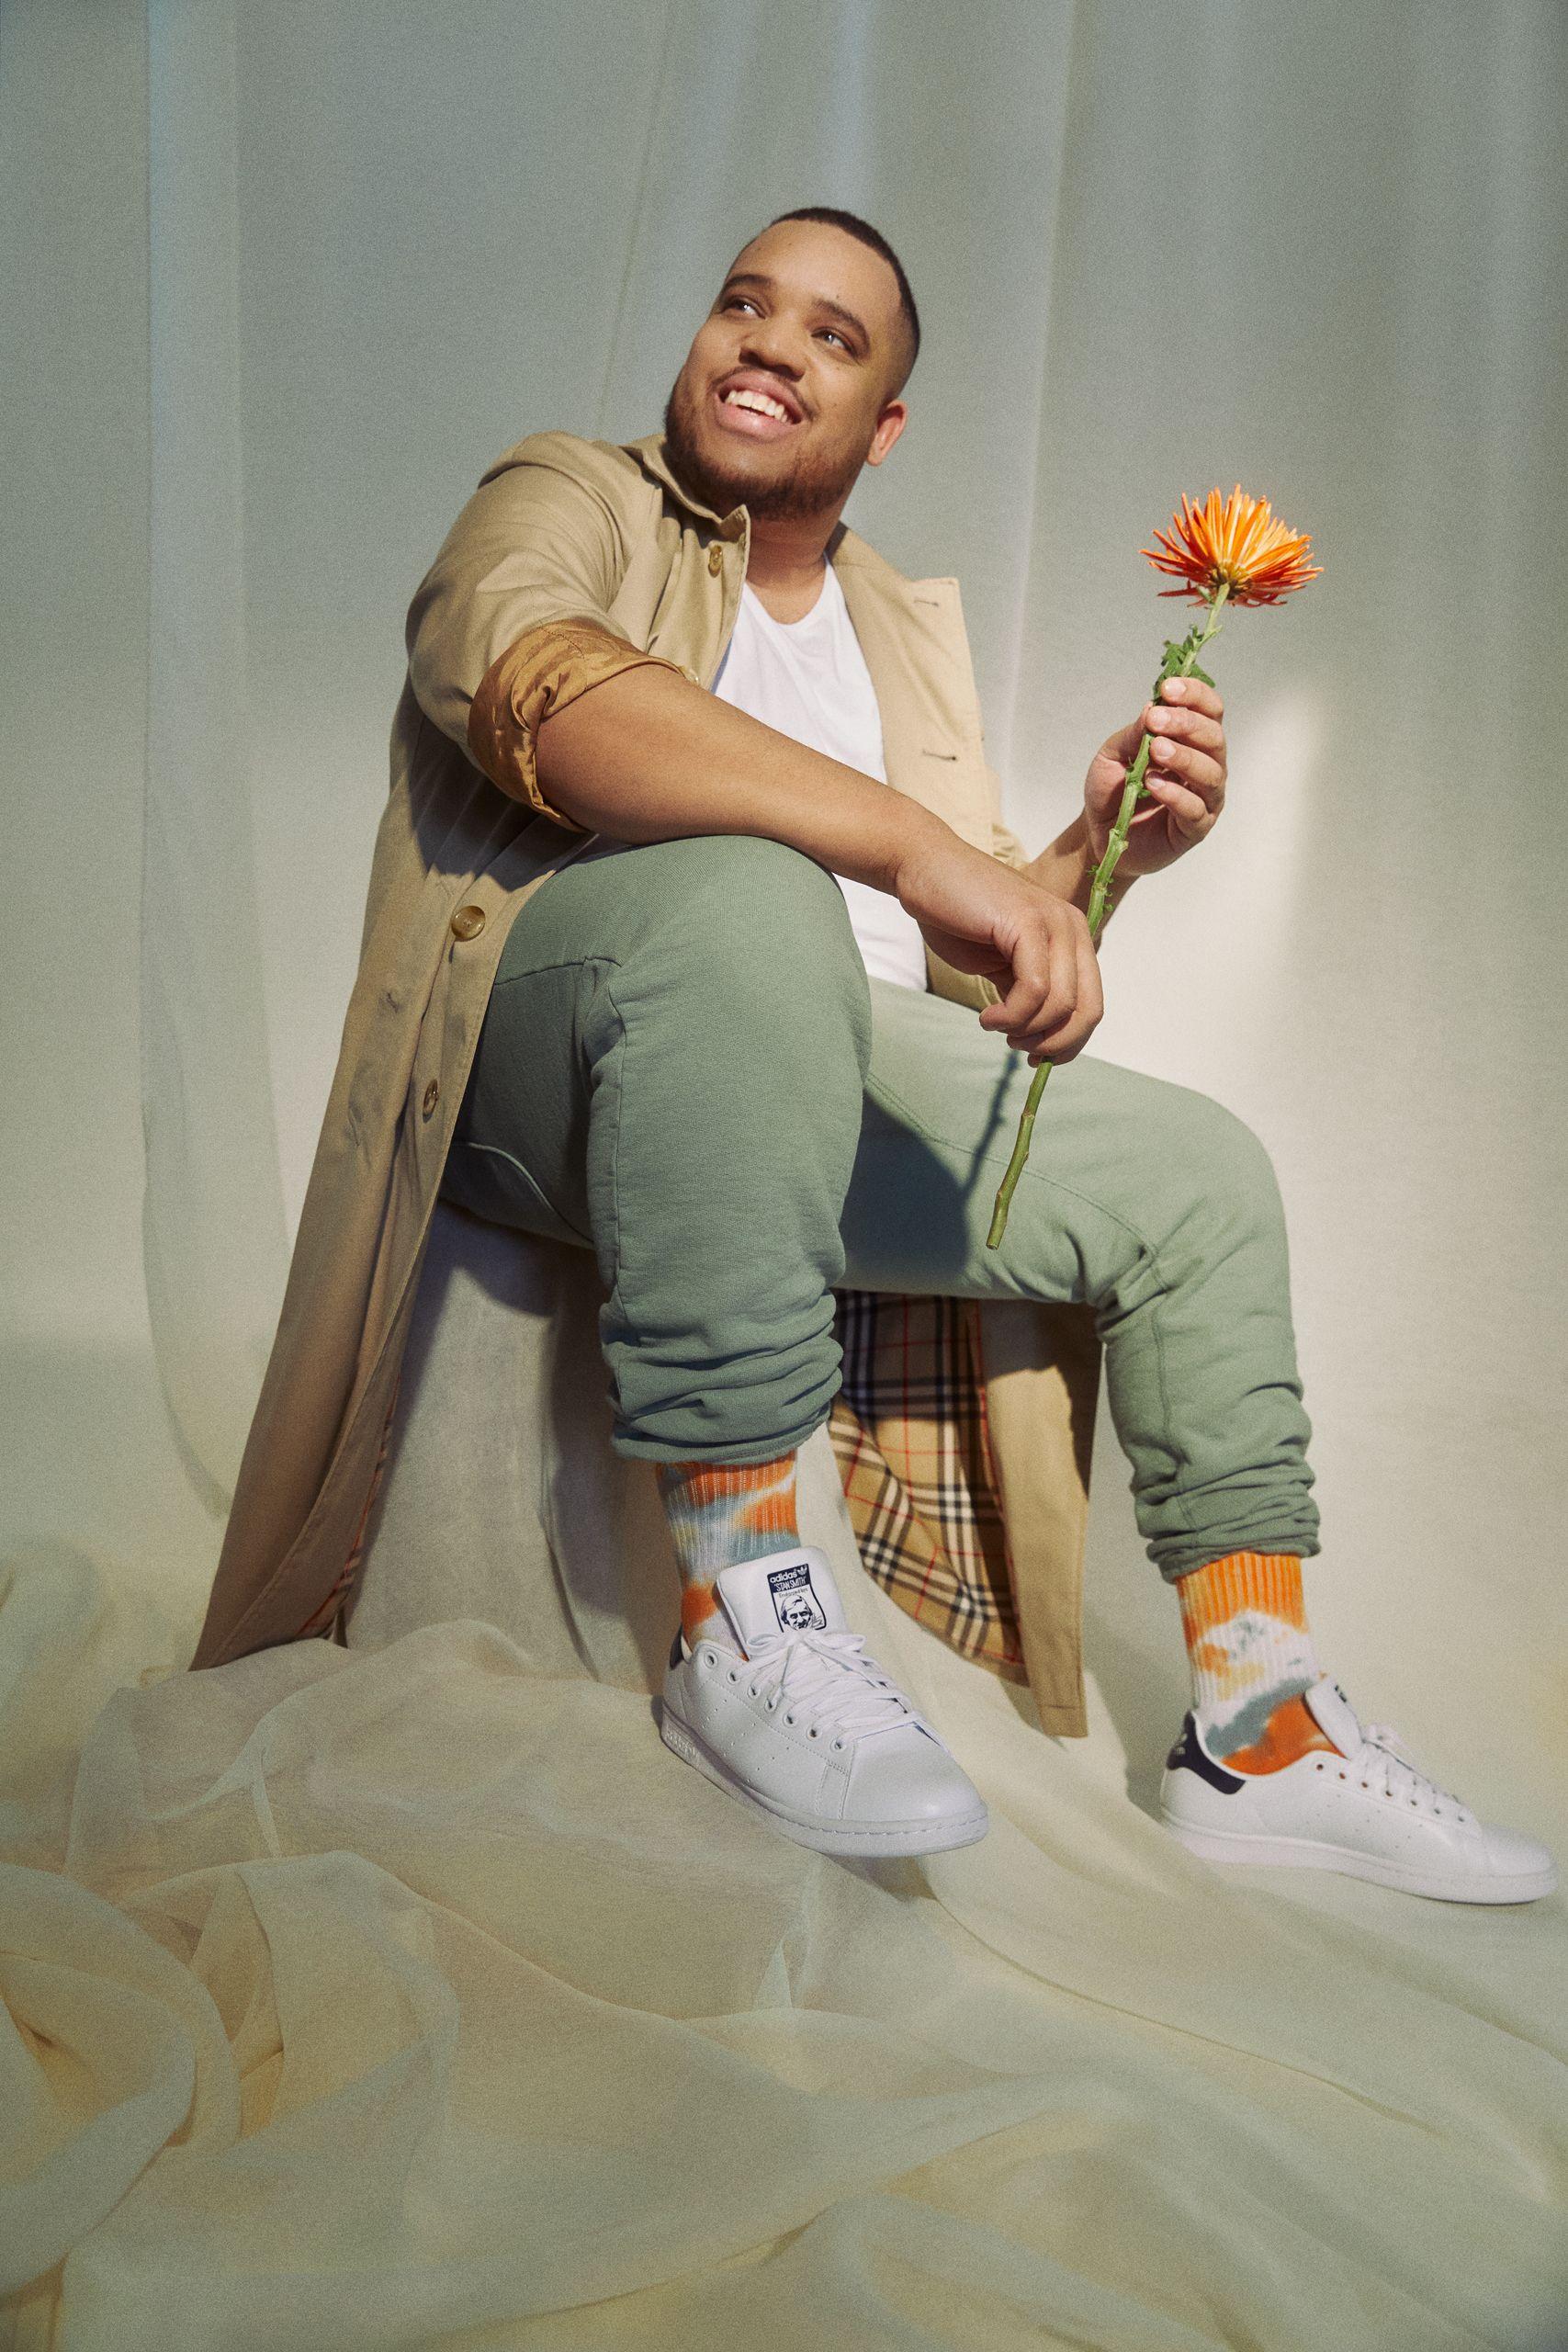 Homme assis sur un fond fait de voiles. Il porte un pantalon de survêtement kaki, un trench-coat beige, des chaussettes orange tie dye dans des baskets blanches. Il sourit et tient une fleur orange.